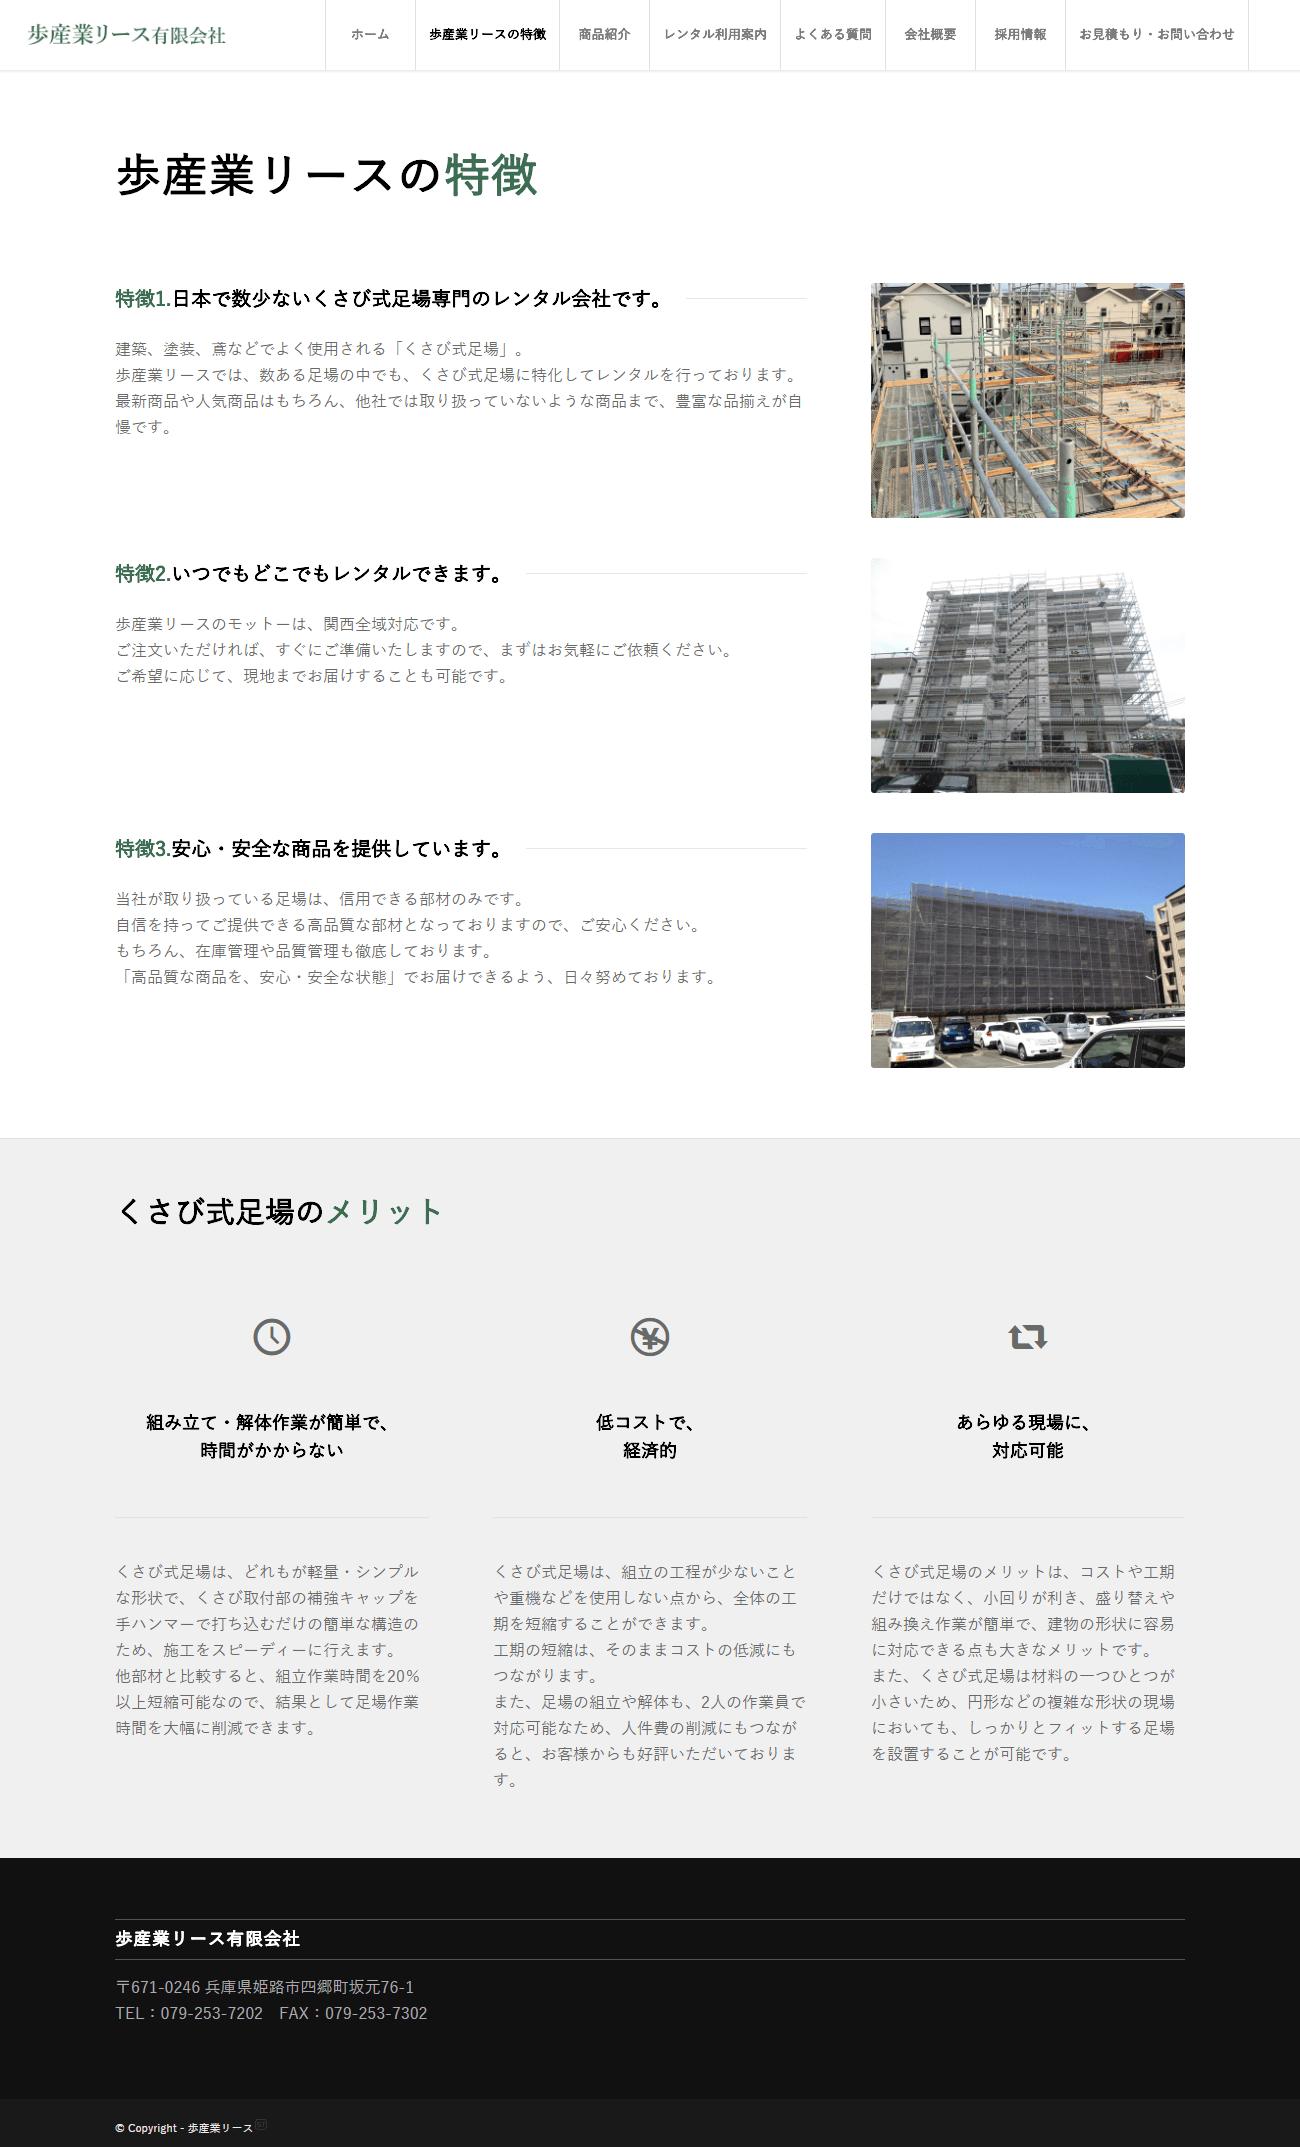 姫路市 歩産業リース有限会社様 ホームページ制作2